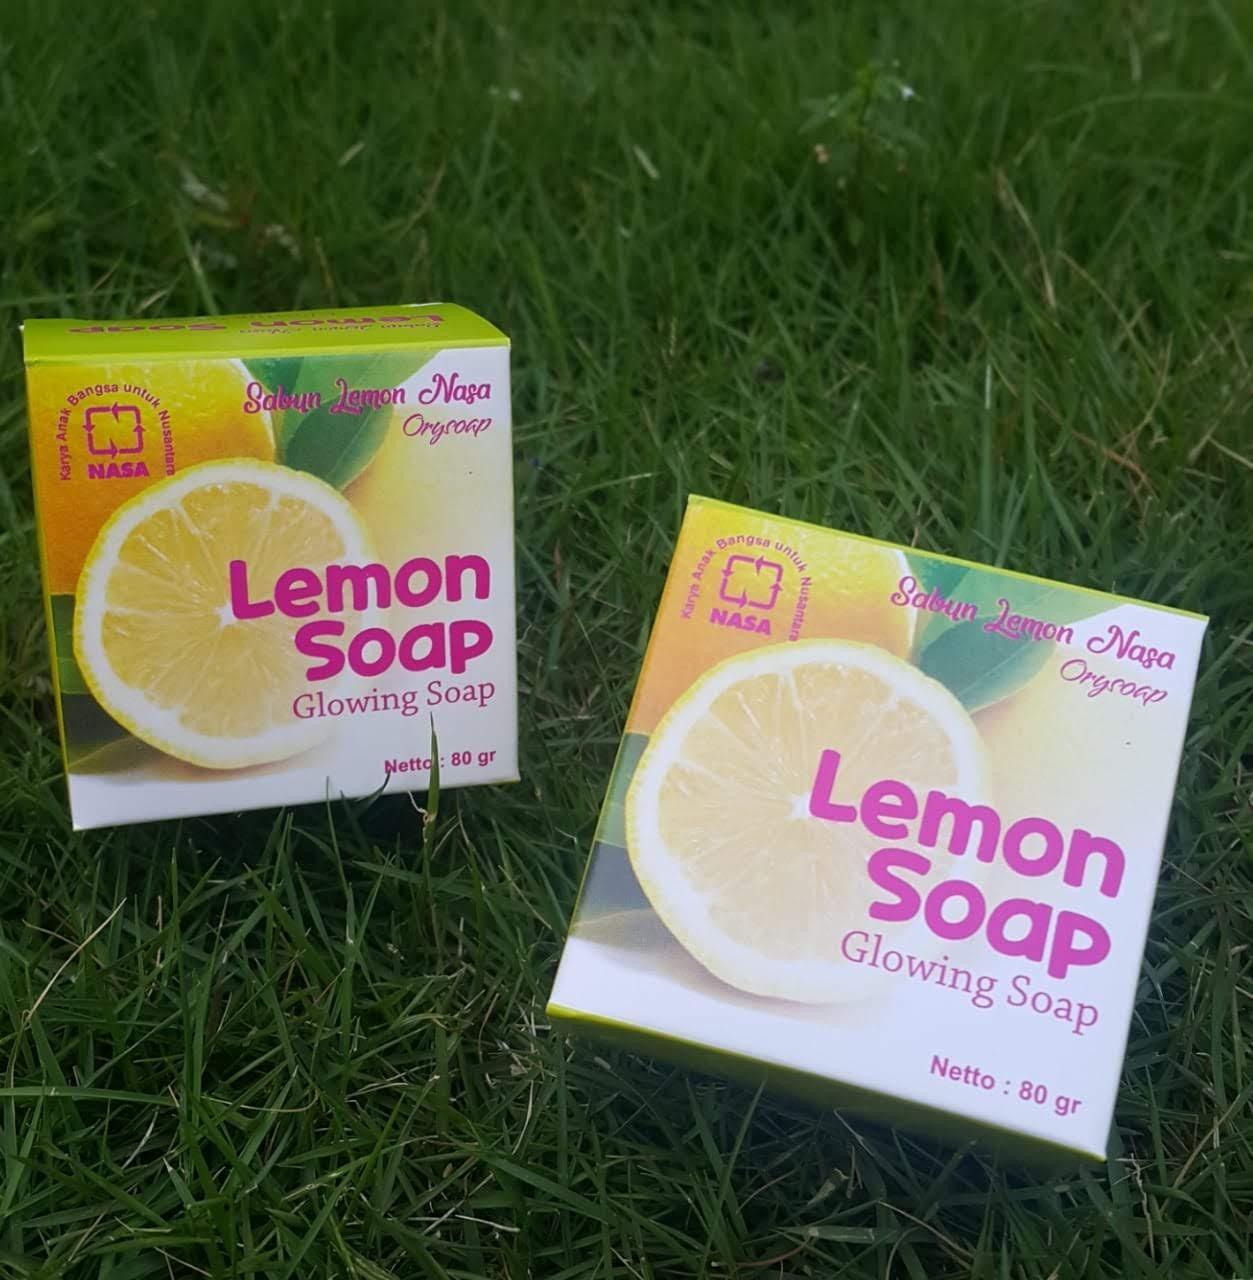 Nasa Zayma Milk Soap Sabun Pemutih Kulit Daftar Harga Terkini Dan Lyv Natural Babandotan Bayi Alami Eatable Homemade Berminyak Lemon Merupakan Yang Berfungsi Sebagai Pembersih Sekaligus Wajah Tubuh Mencerahkan